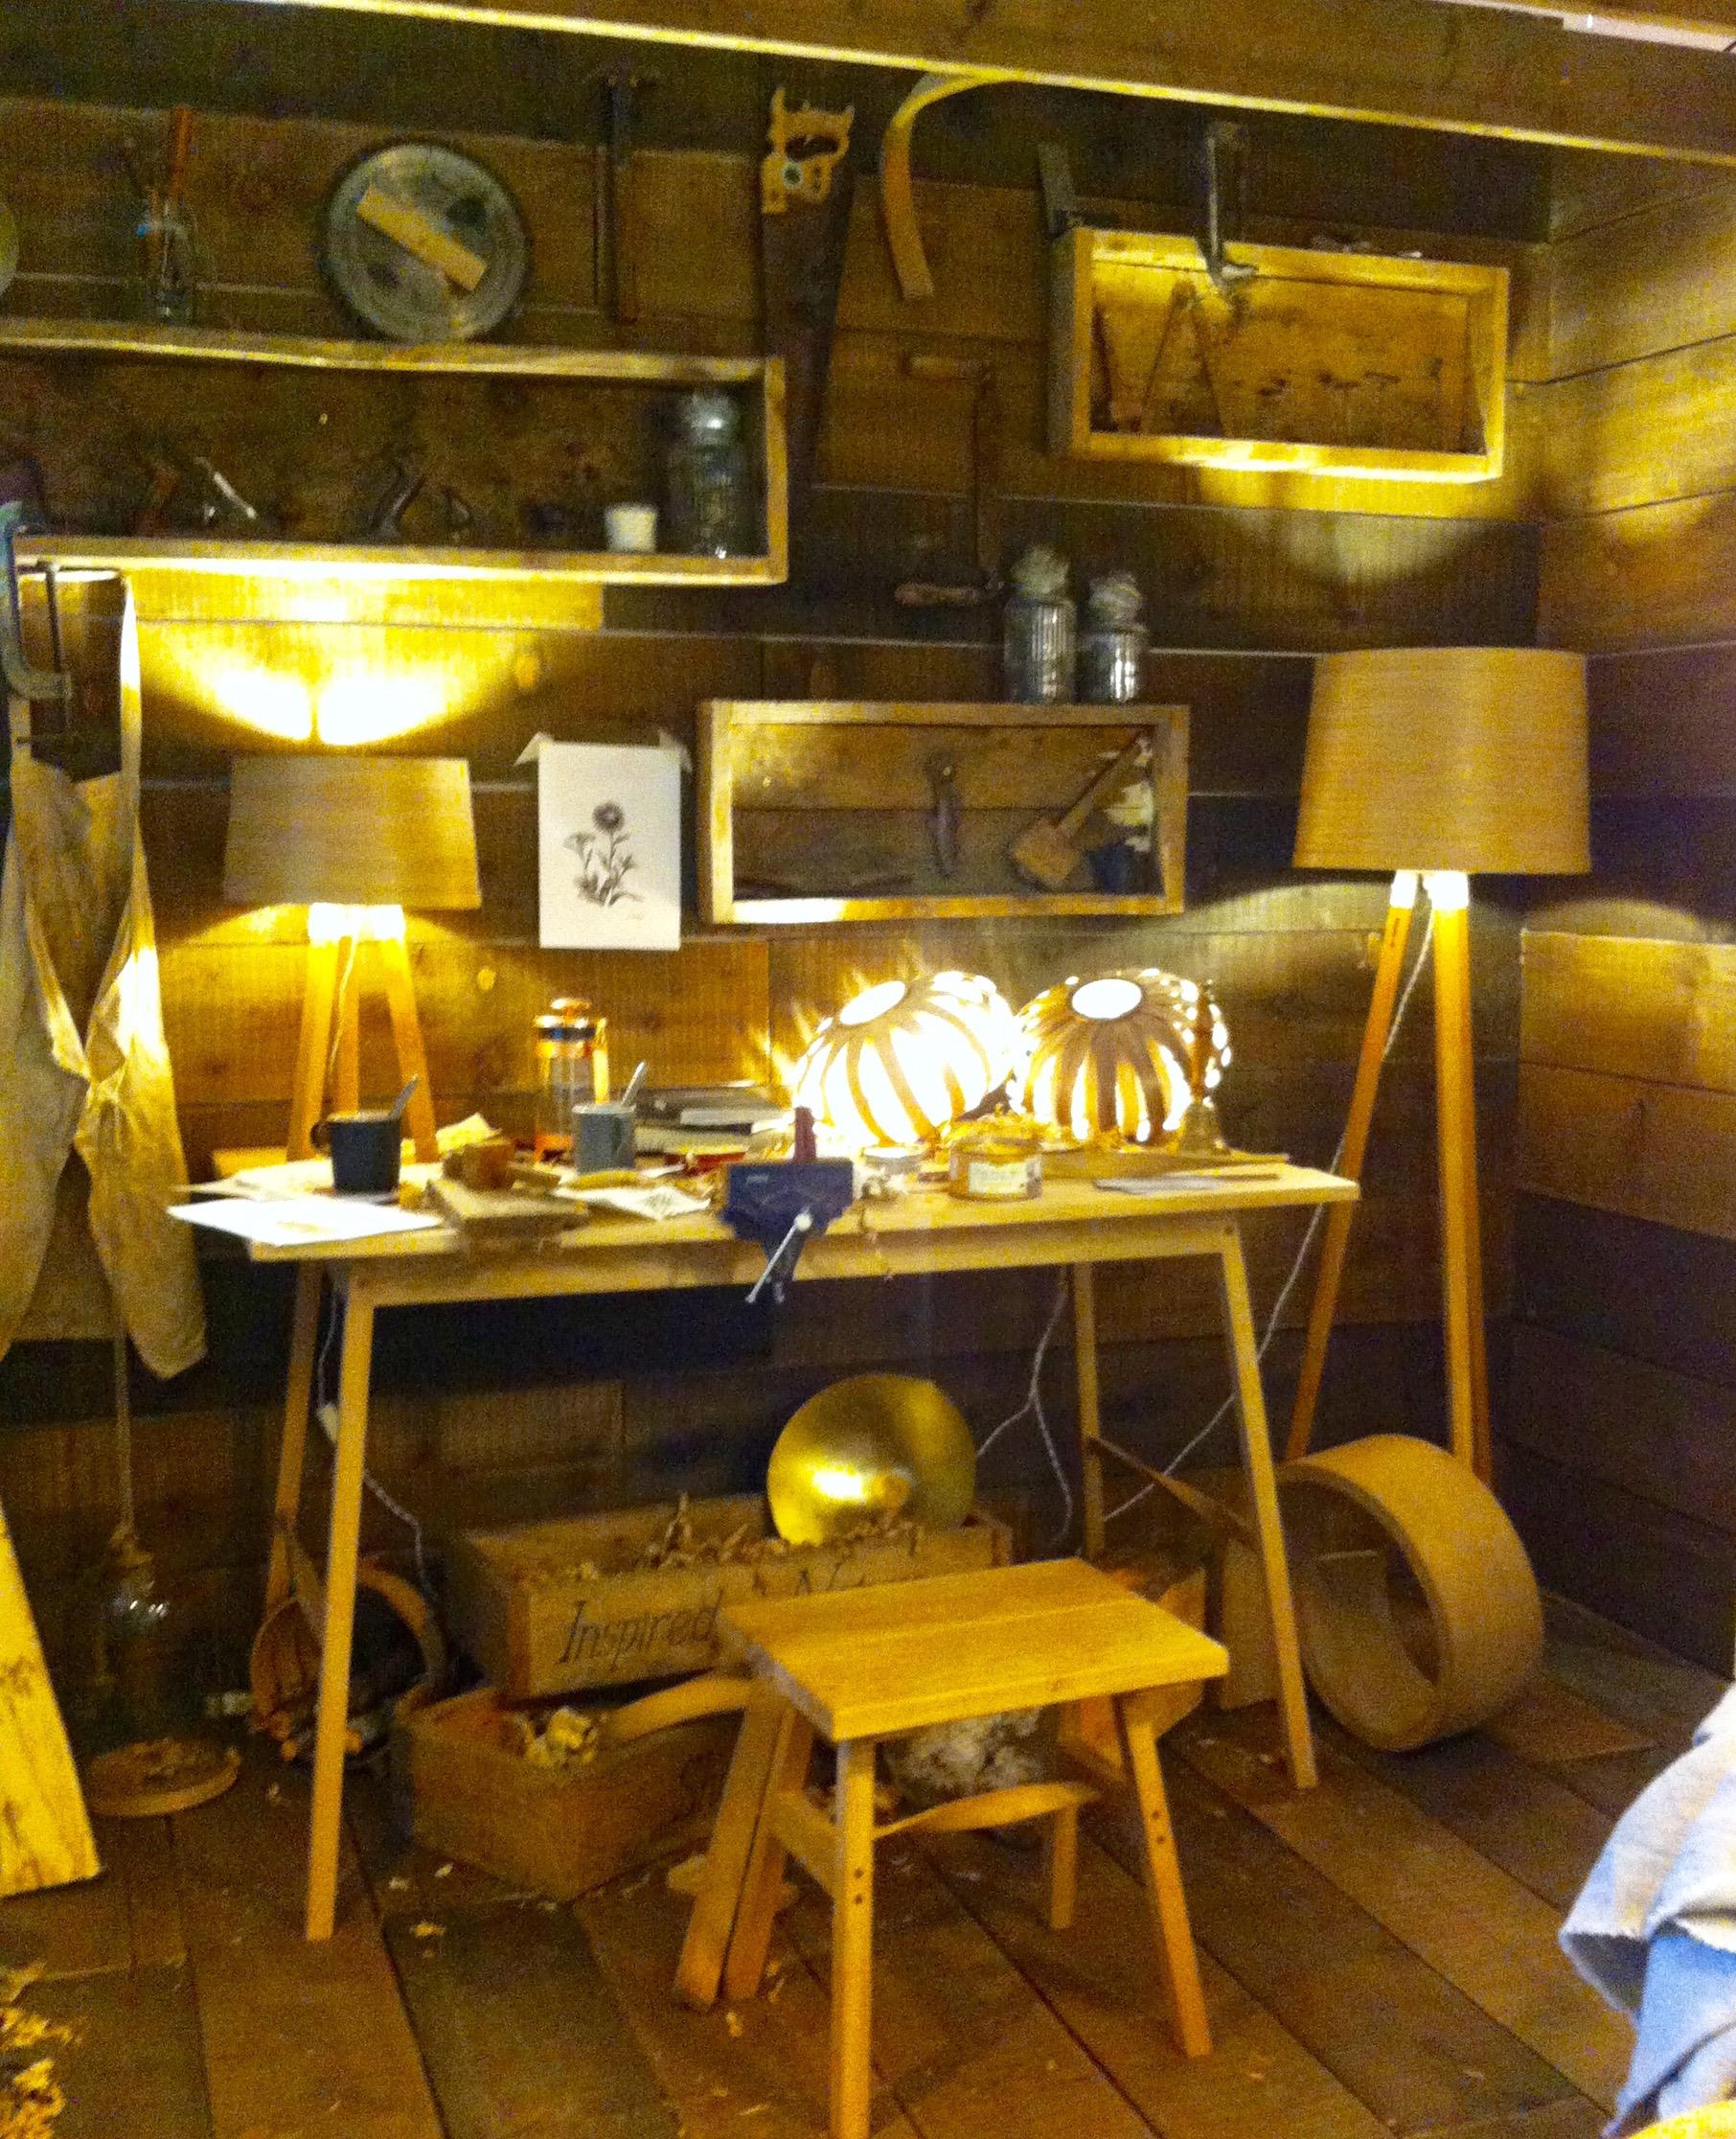 TomRadffieldJohnLewisCreativeSpaces.jpg